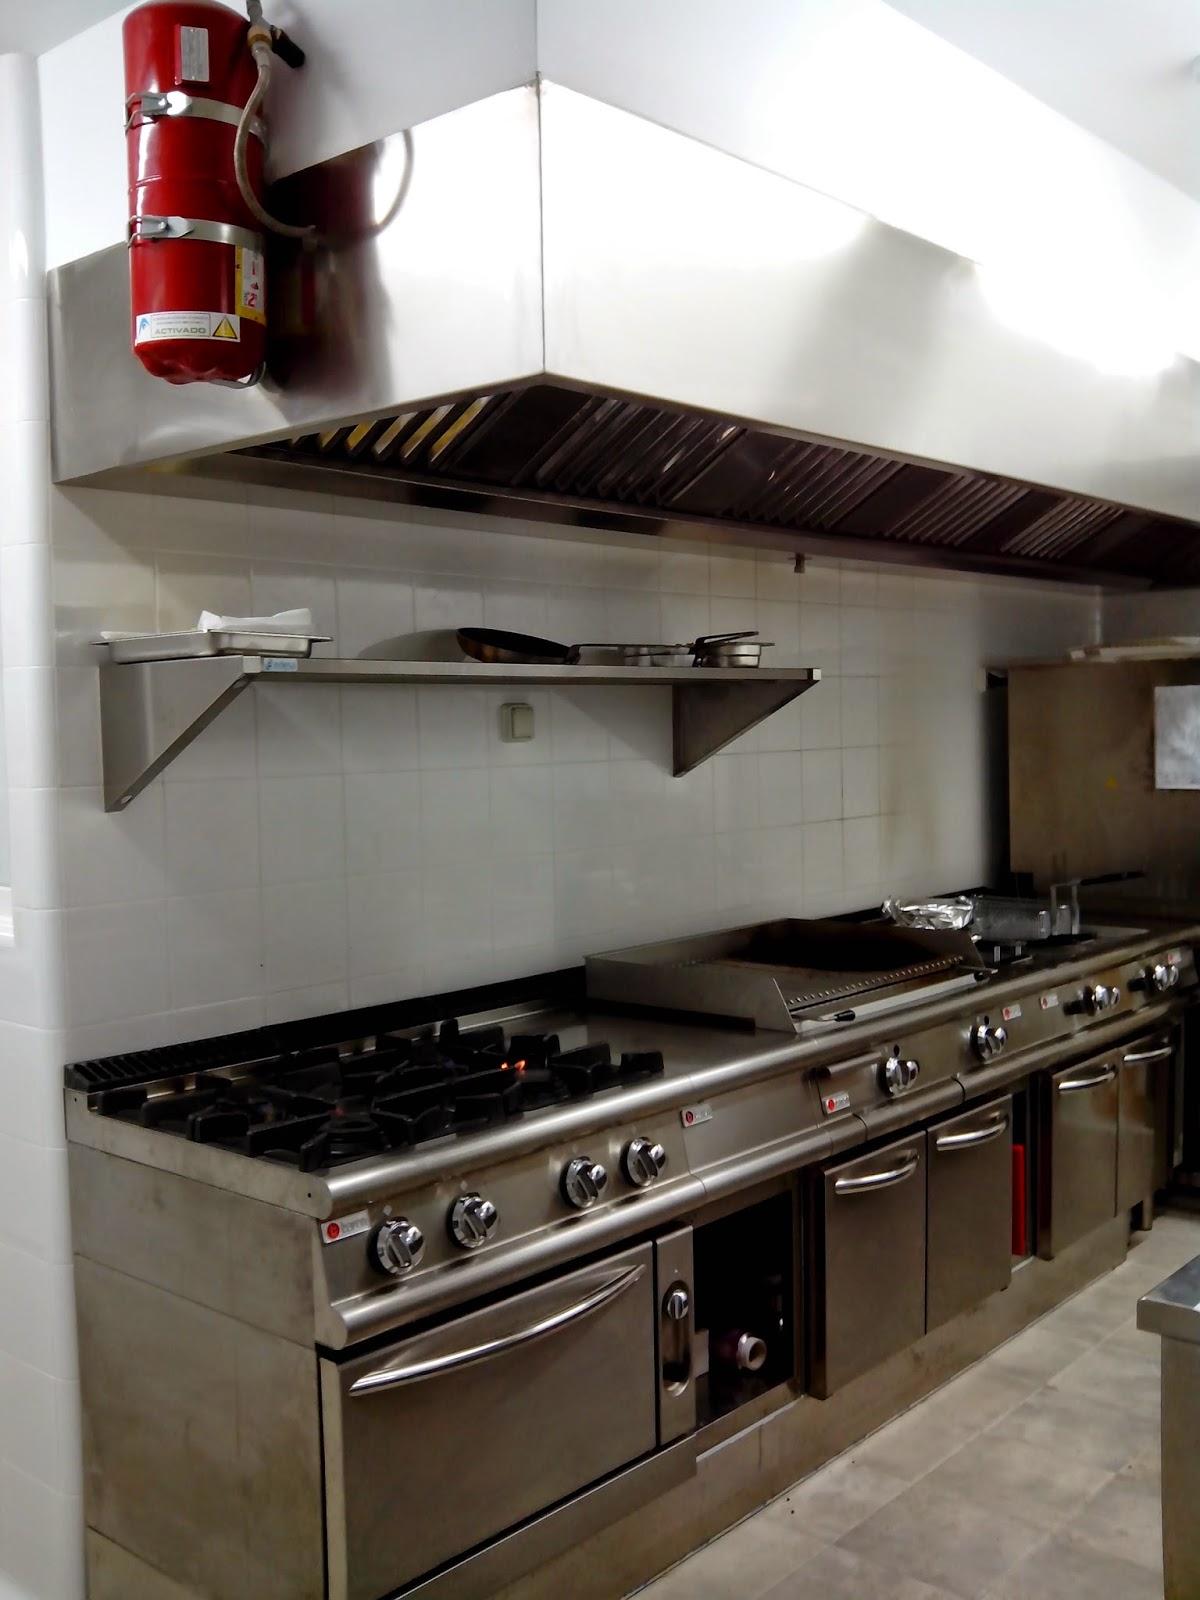 Humiclima en abril se inaugura el primer hotel ryans en ibiza for Medidas cocina restaurante